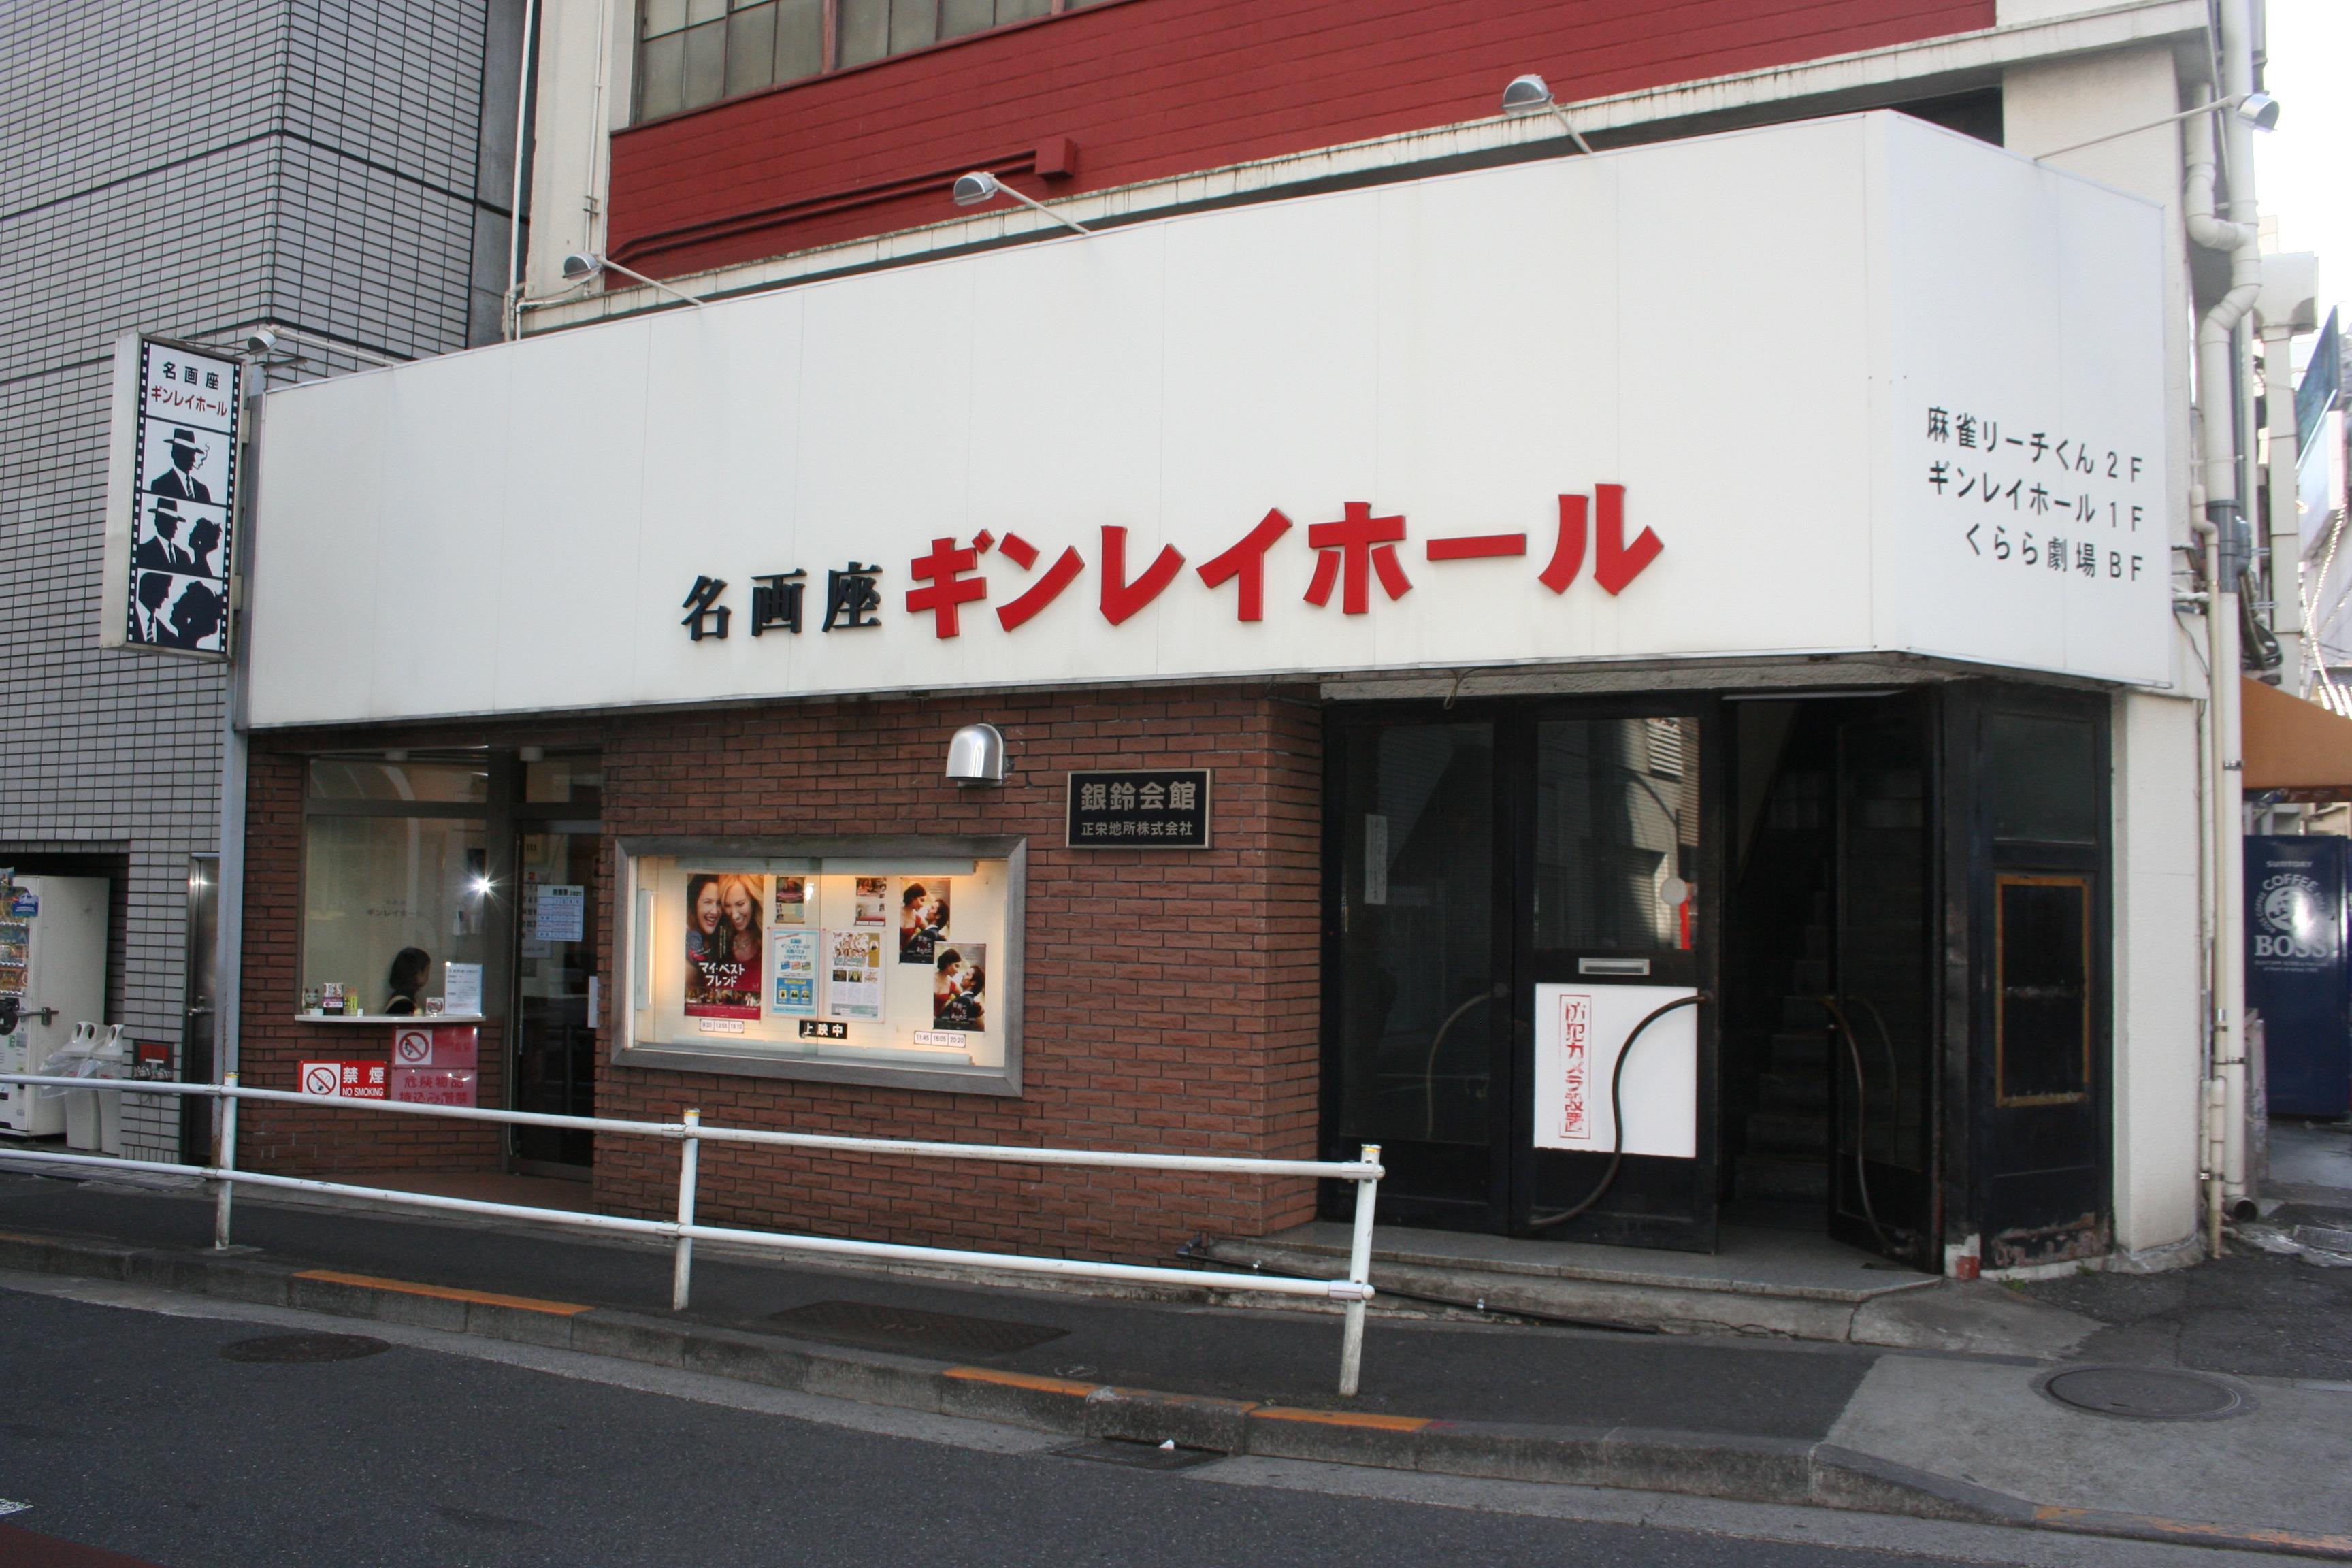 도쿄-카구라자카9